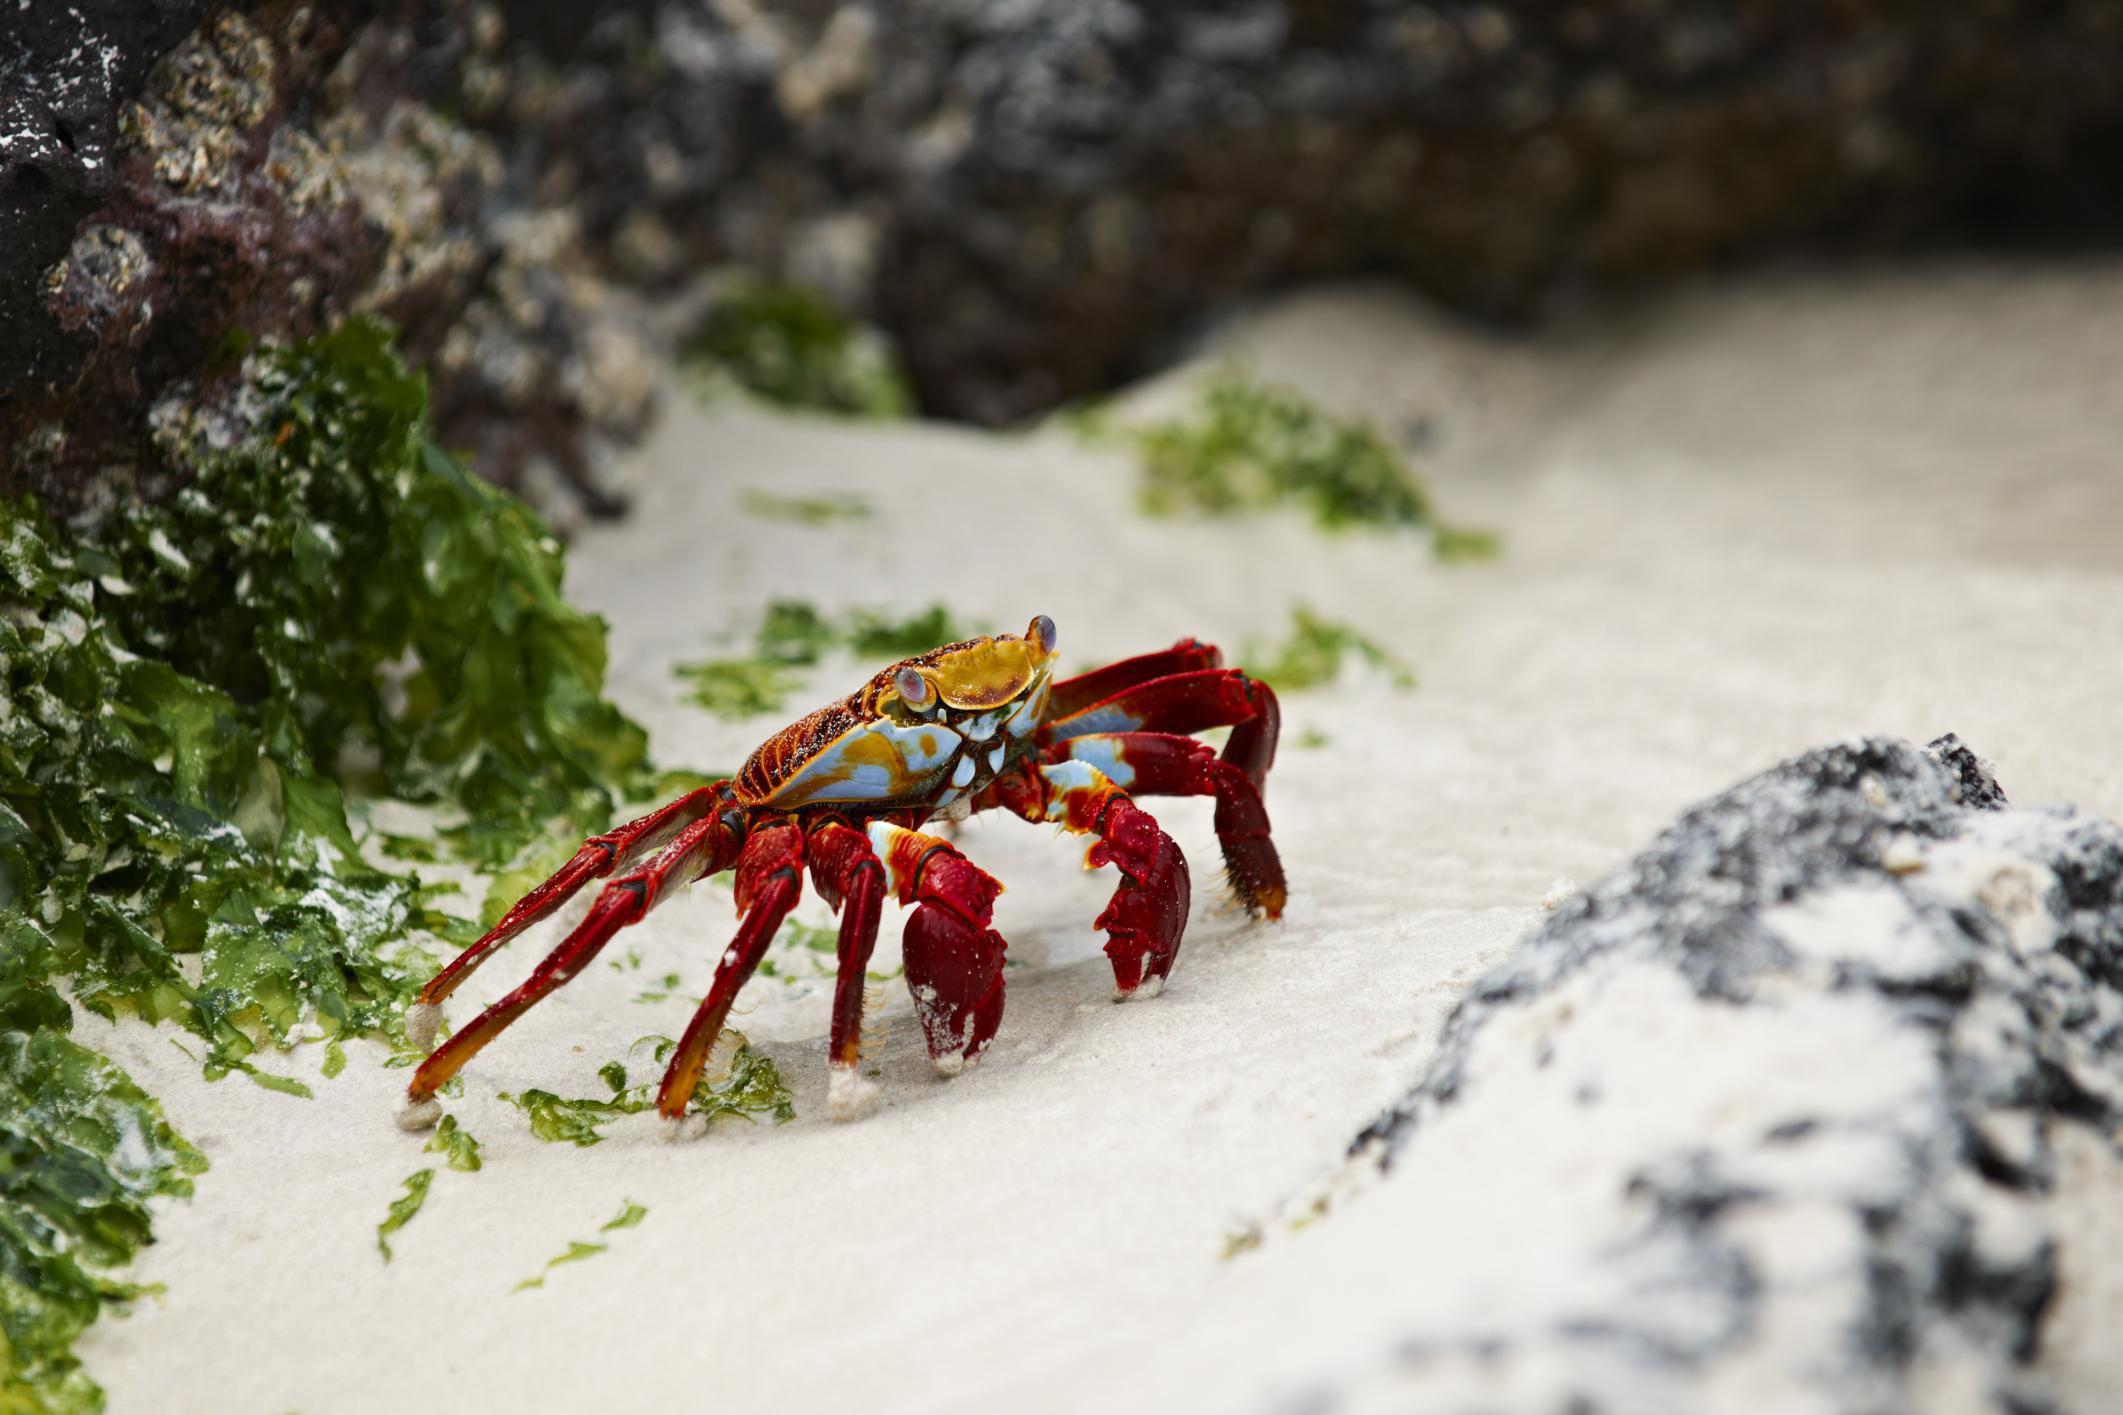 Crustaceans Species Characteristics Andt